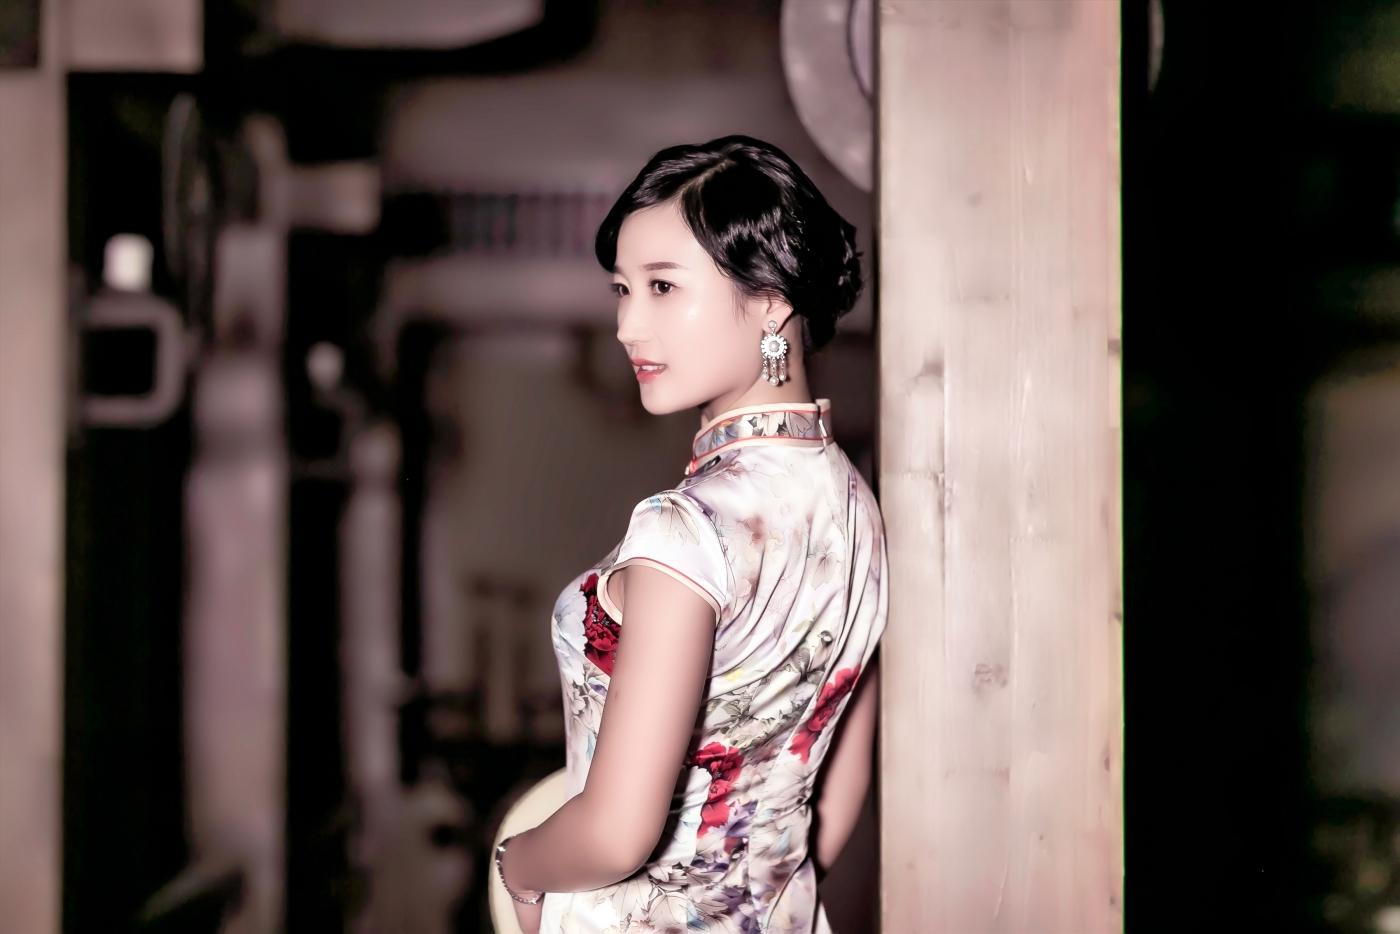 当临沂女孩孔孙懿凡遇到旗袍 一样会像王的女人一样高贵典雅 ..._图1-9